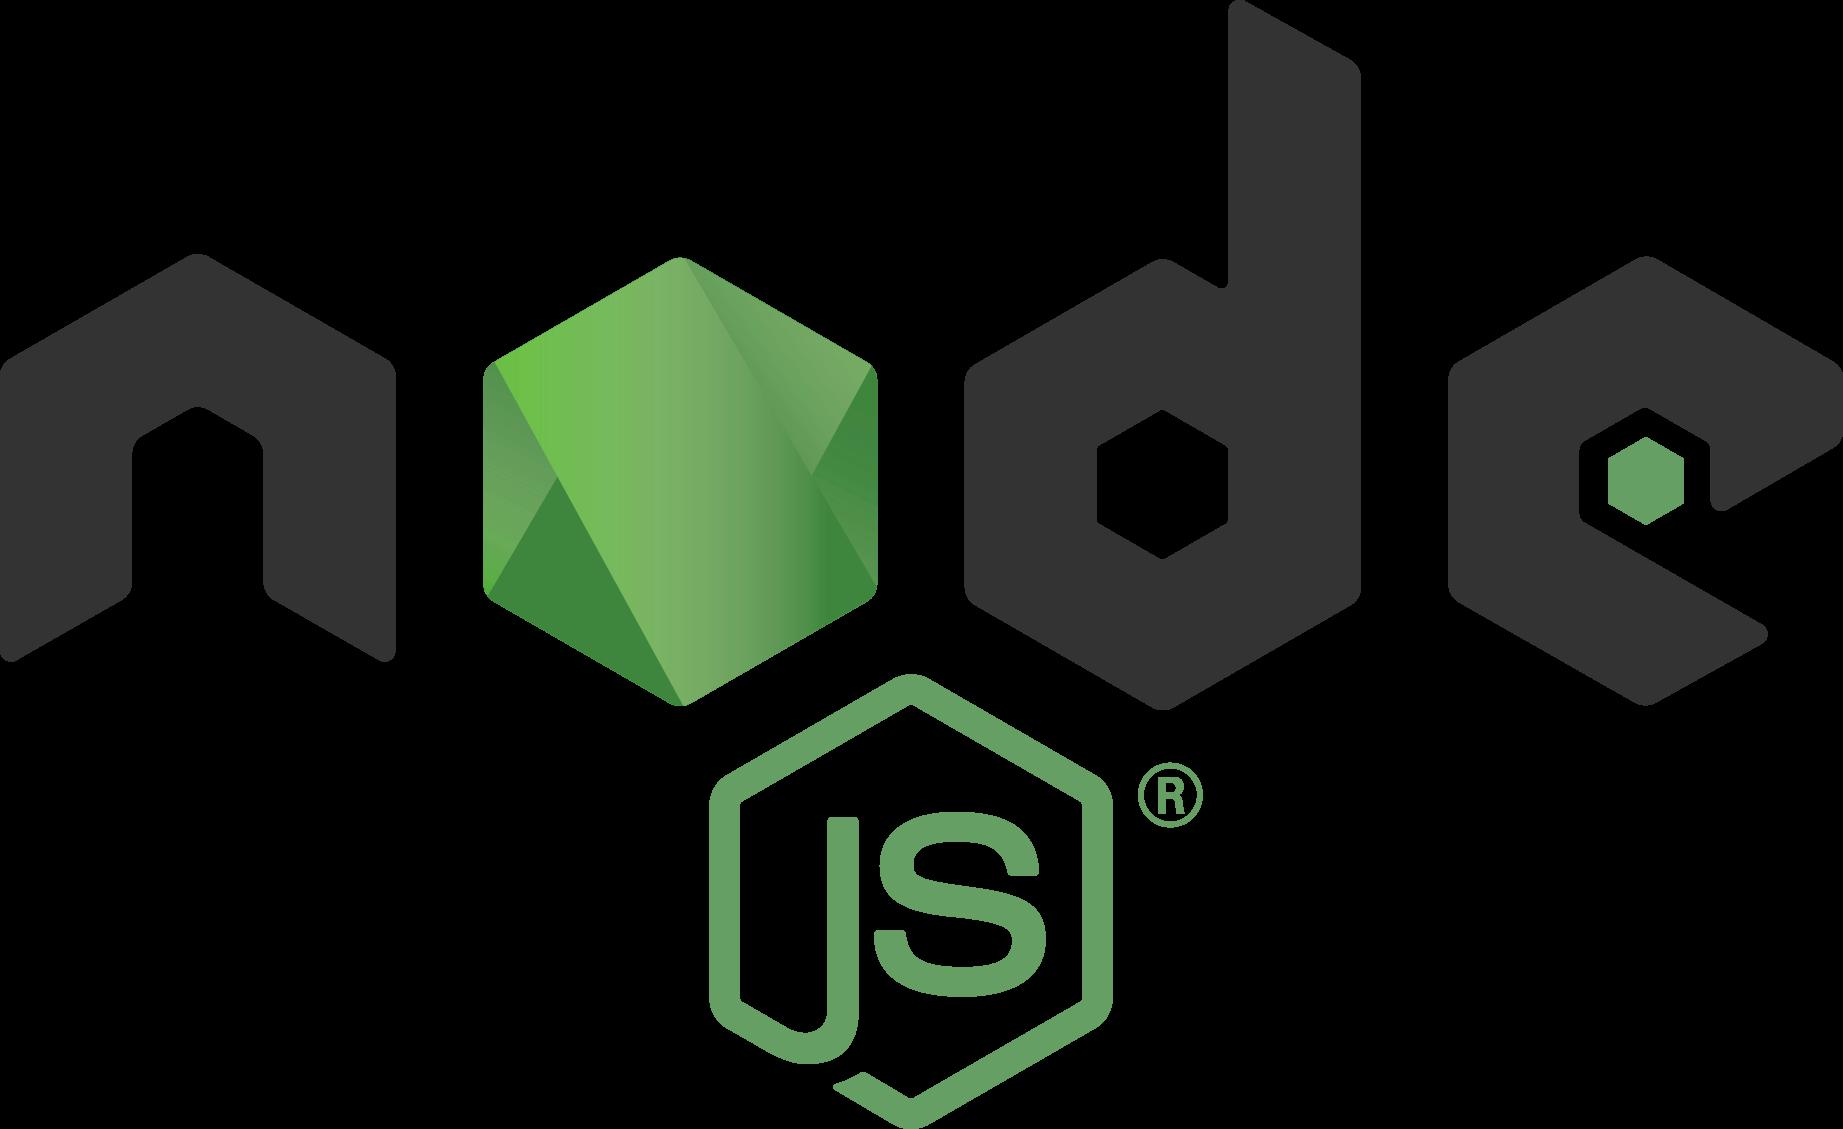 nodelogo